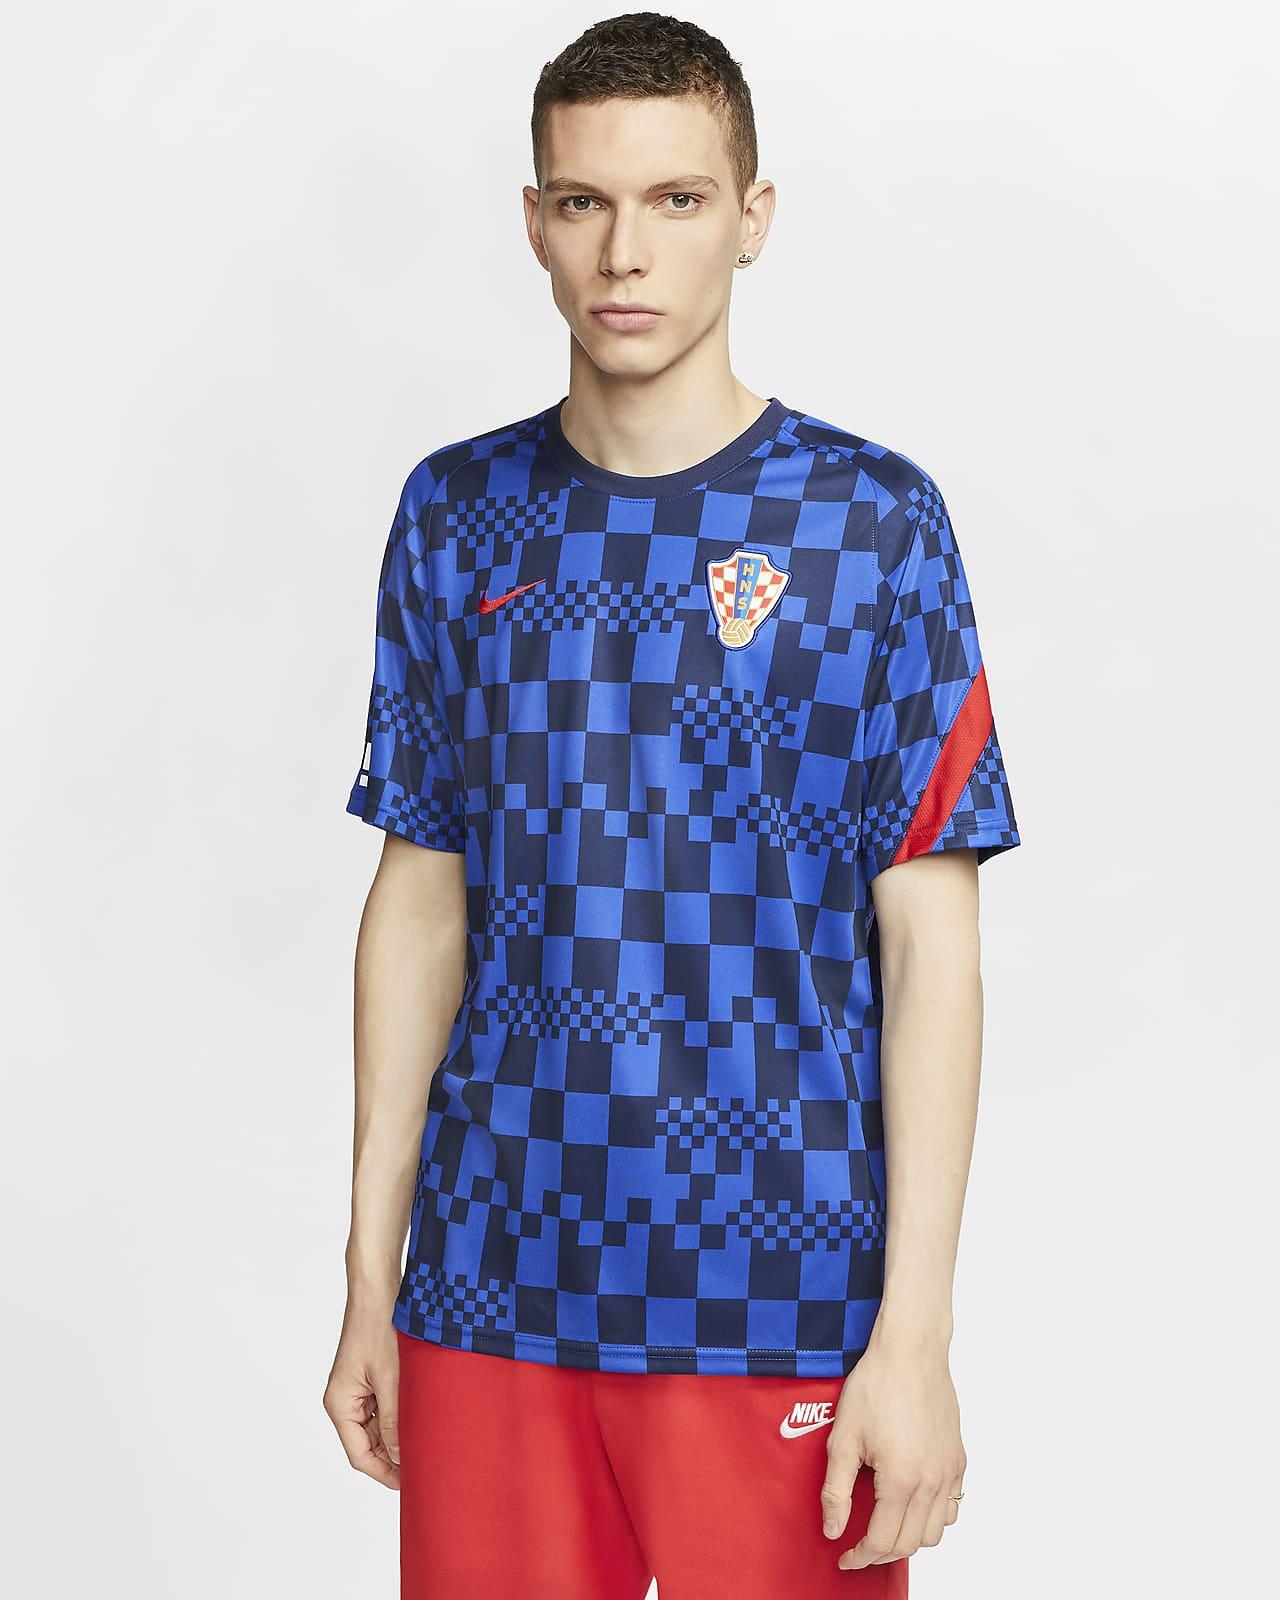 克罗地亚队男子短袖足球上衣